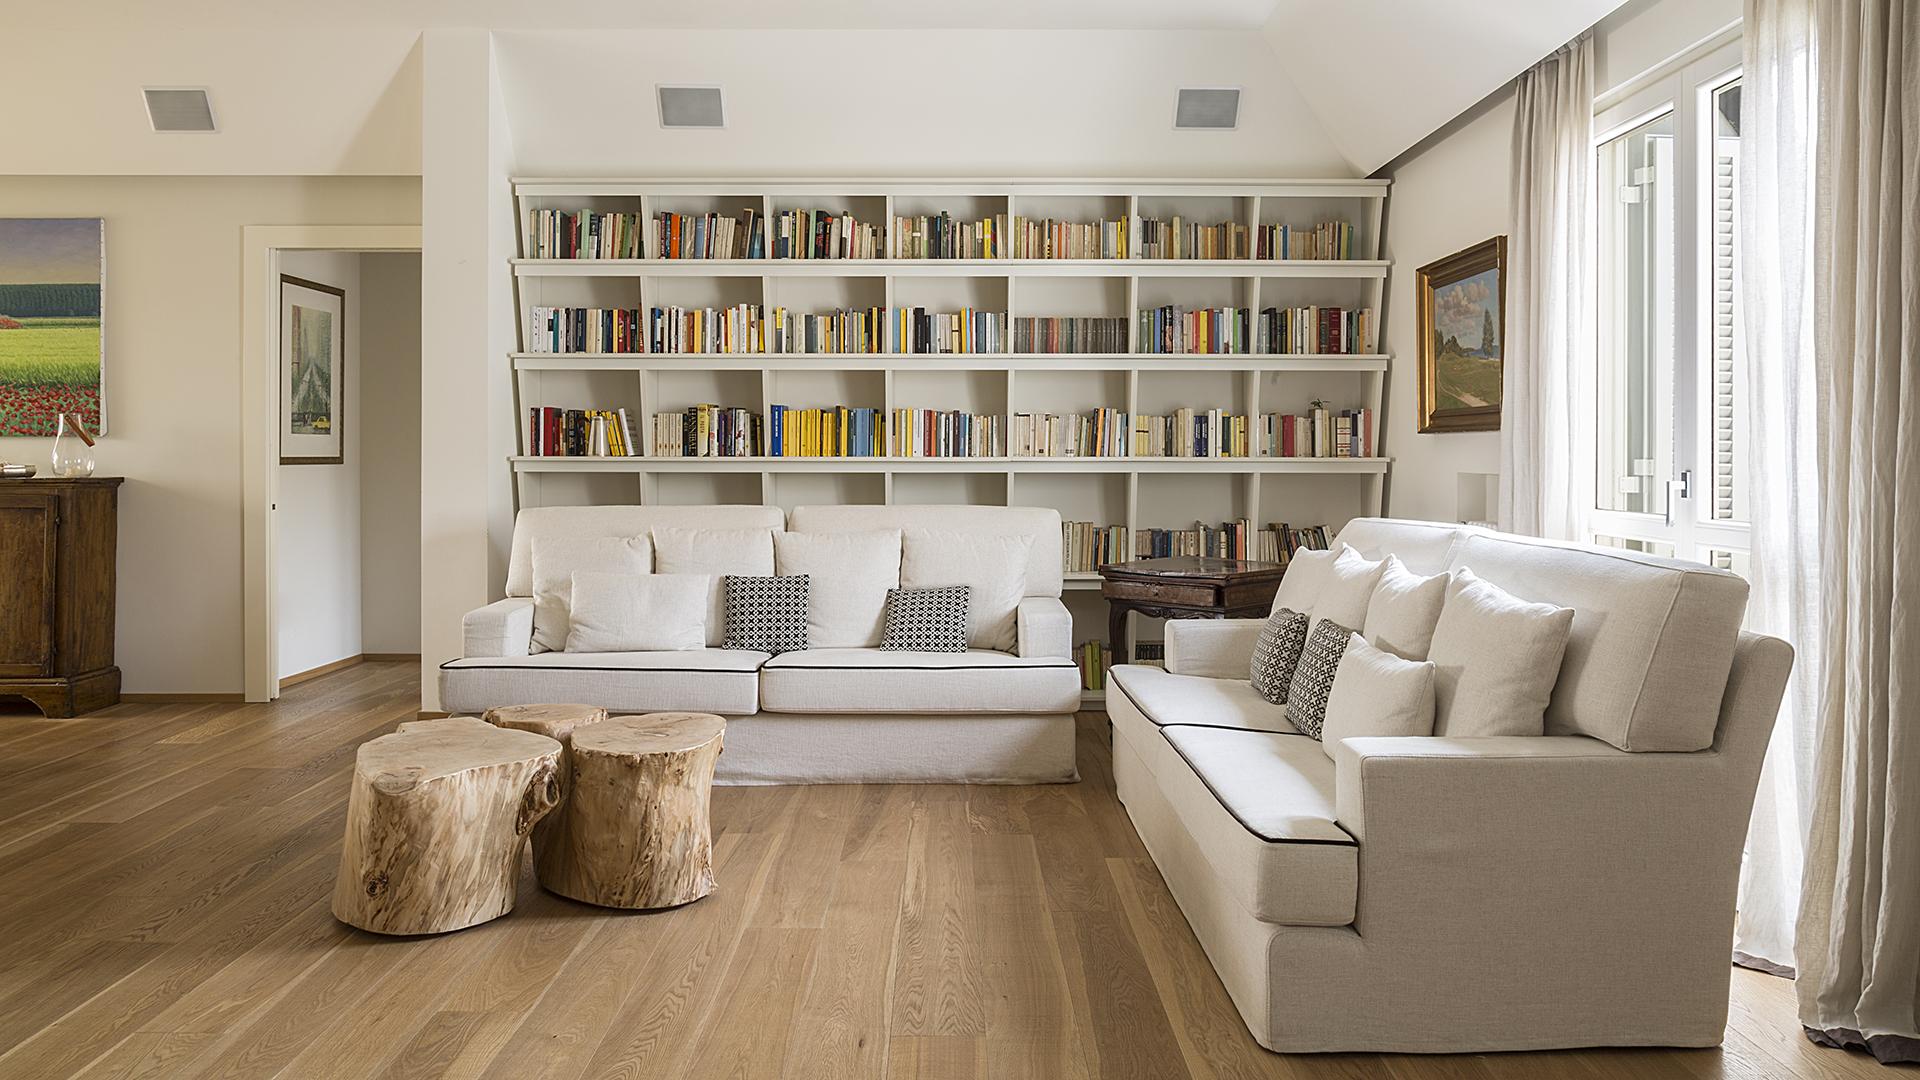 Casa privata 300 antonella tesei architetto milano for Design interni